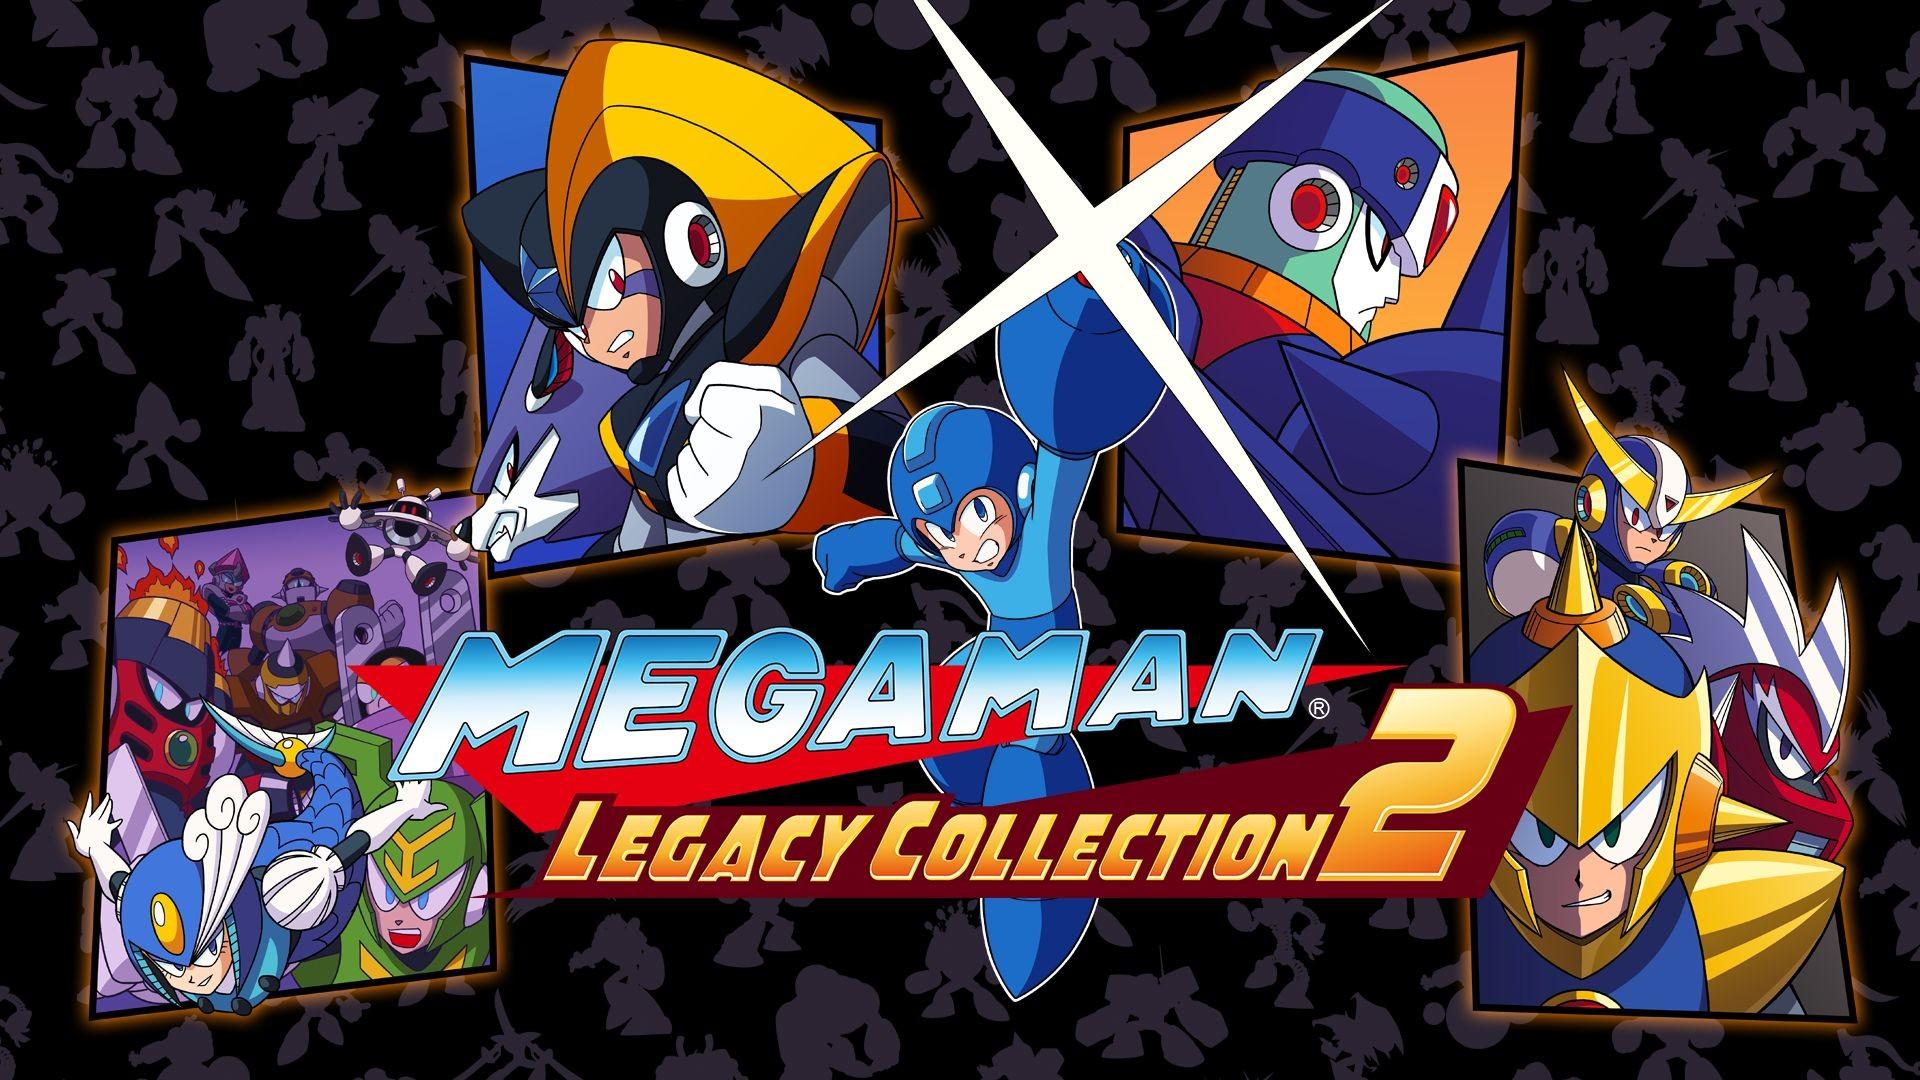 Mega Man Legacy Collection 2 Announced with Nostalgic Trailer | Den of Geek